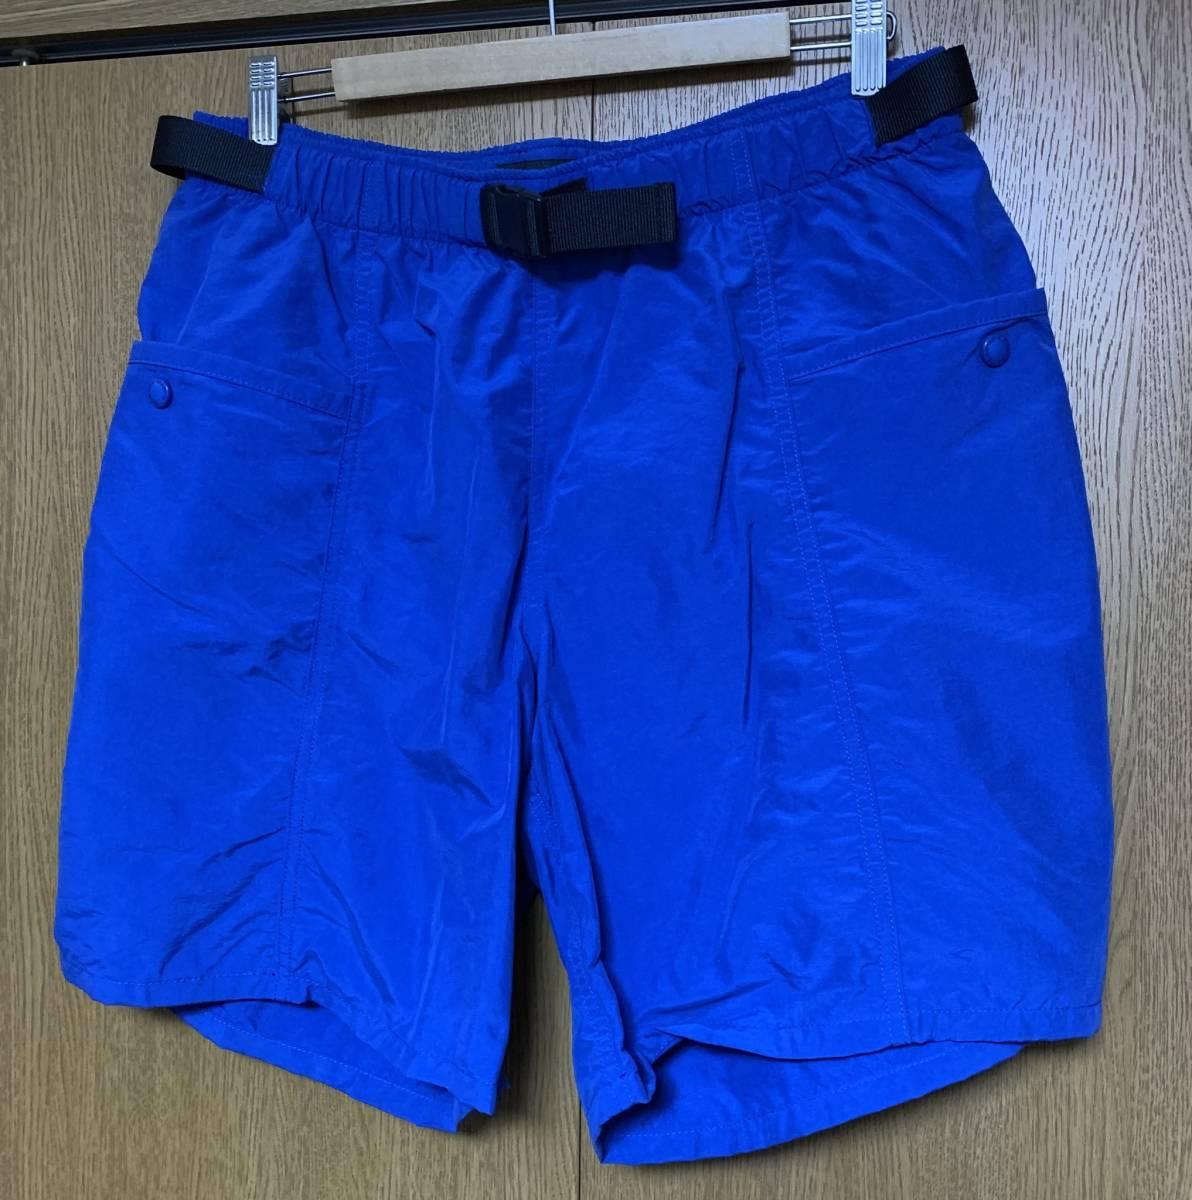 WTAPS ダブルタップス BOARD SHORTS NYLON TUSSAH 14 ショーツ 即決 BLUE ブルー L 3 ハーフパンツ ナイロン パンツ 中古 ボード 青 正規品_画像1